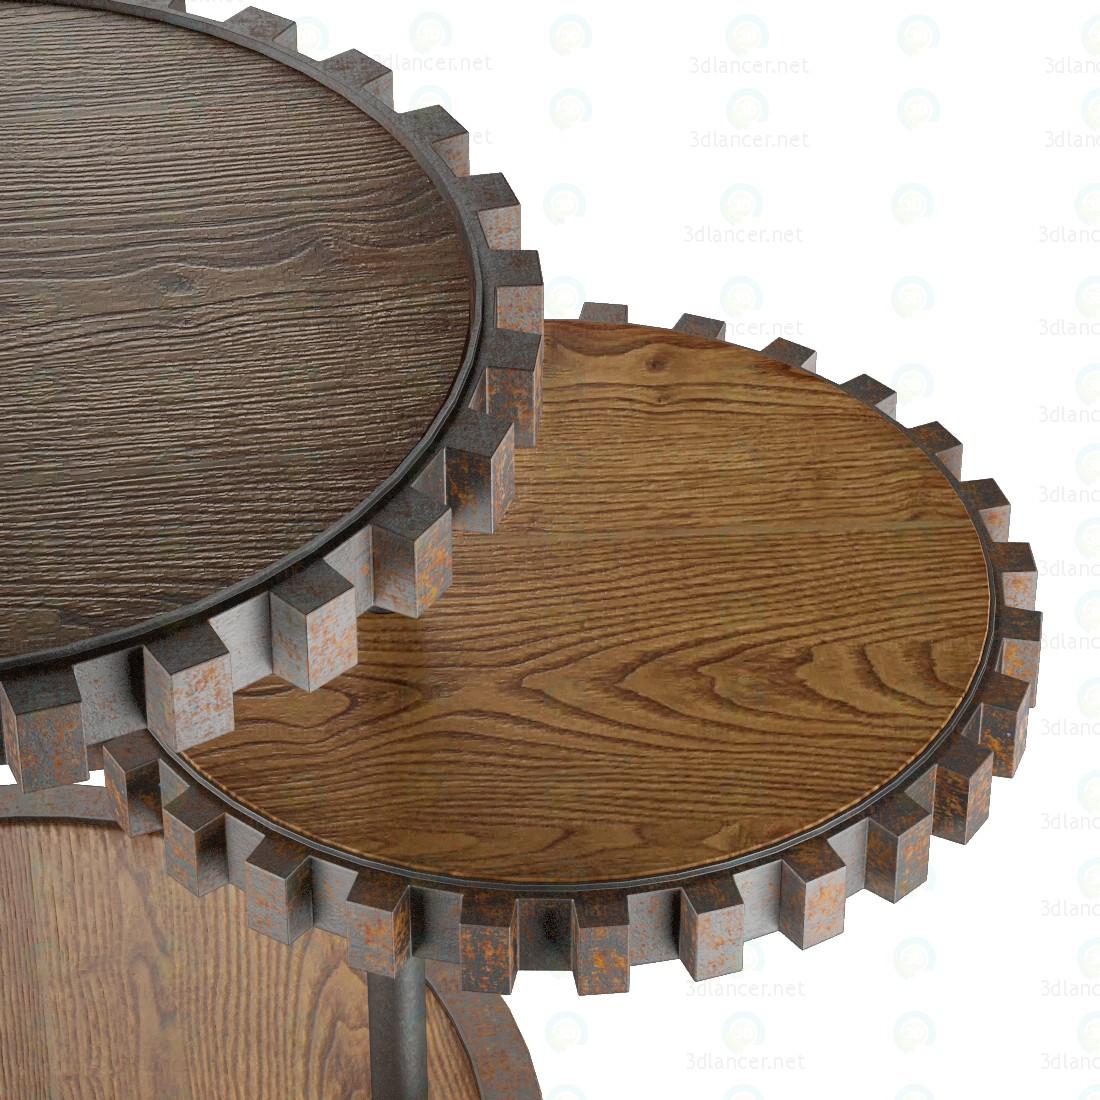 3d Зірочки столик модель купити - зображення